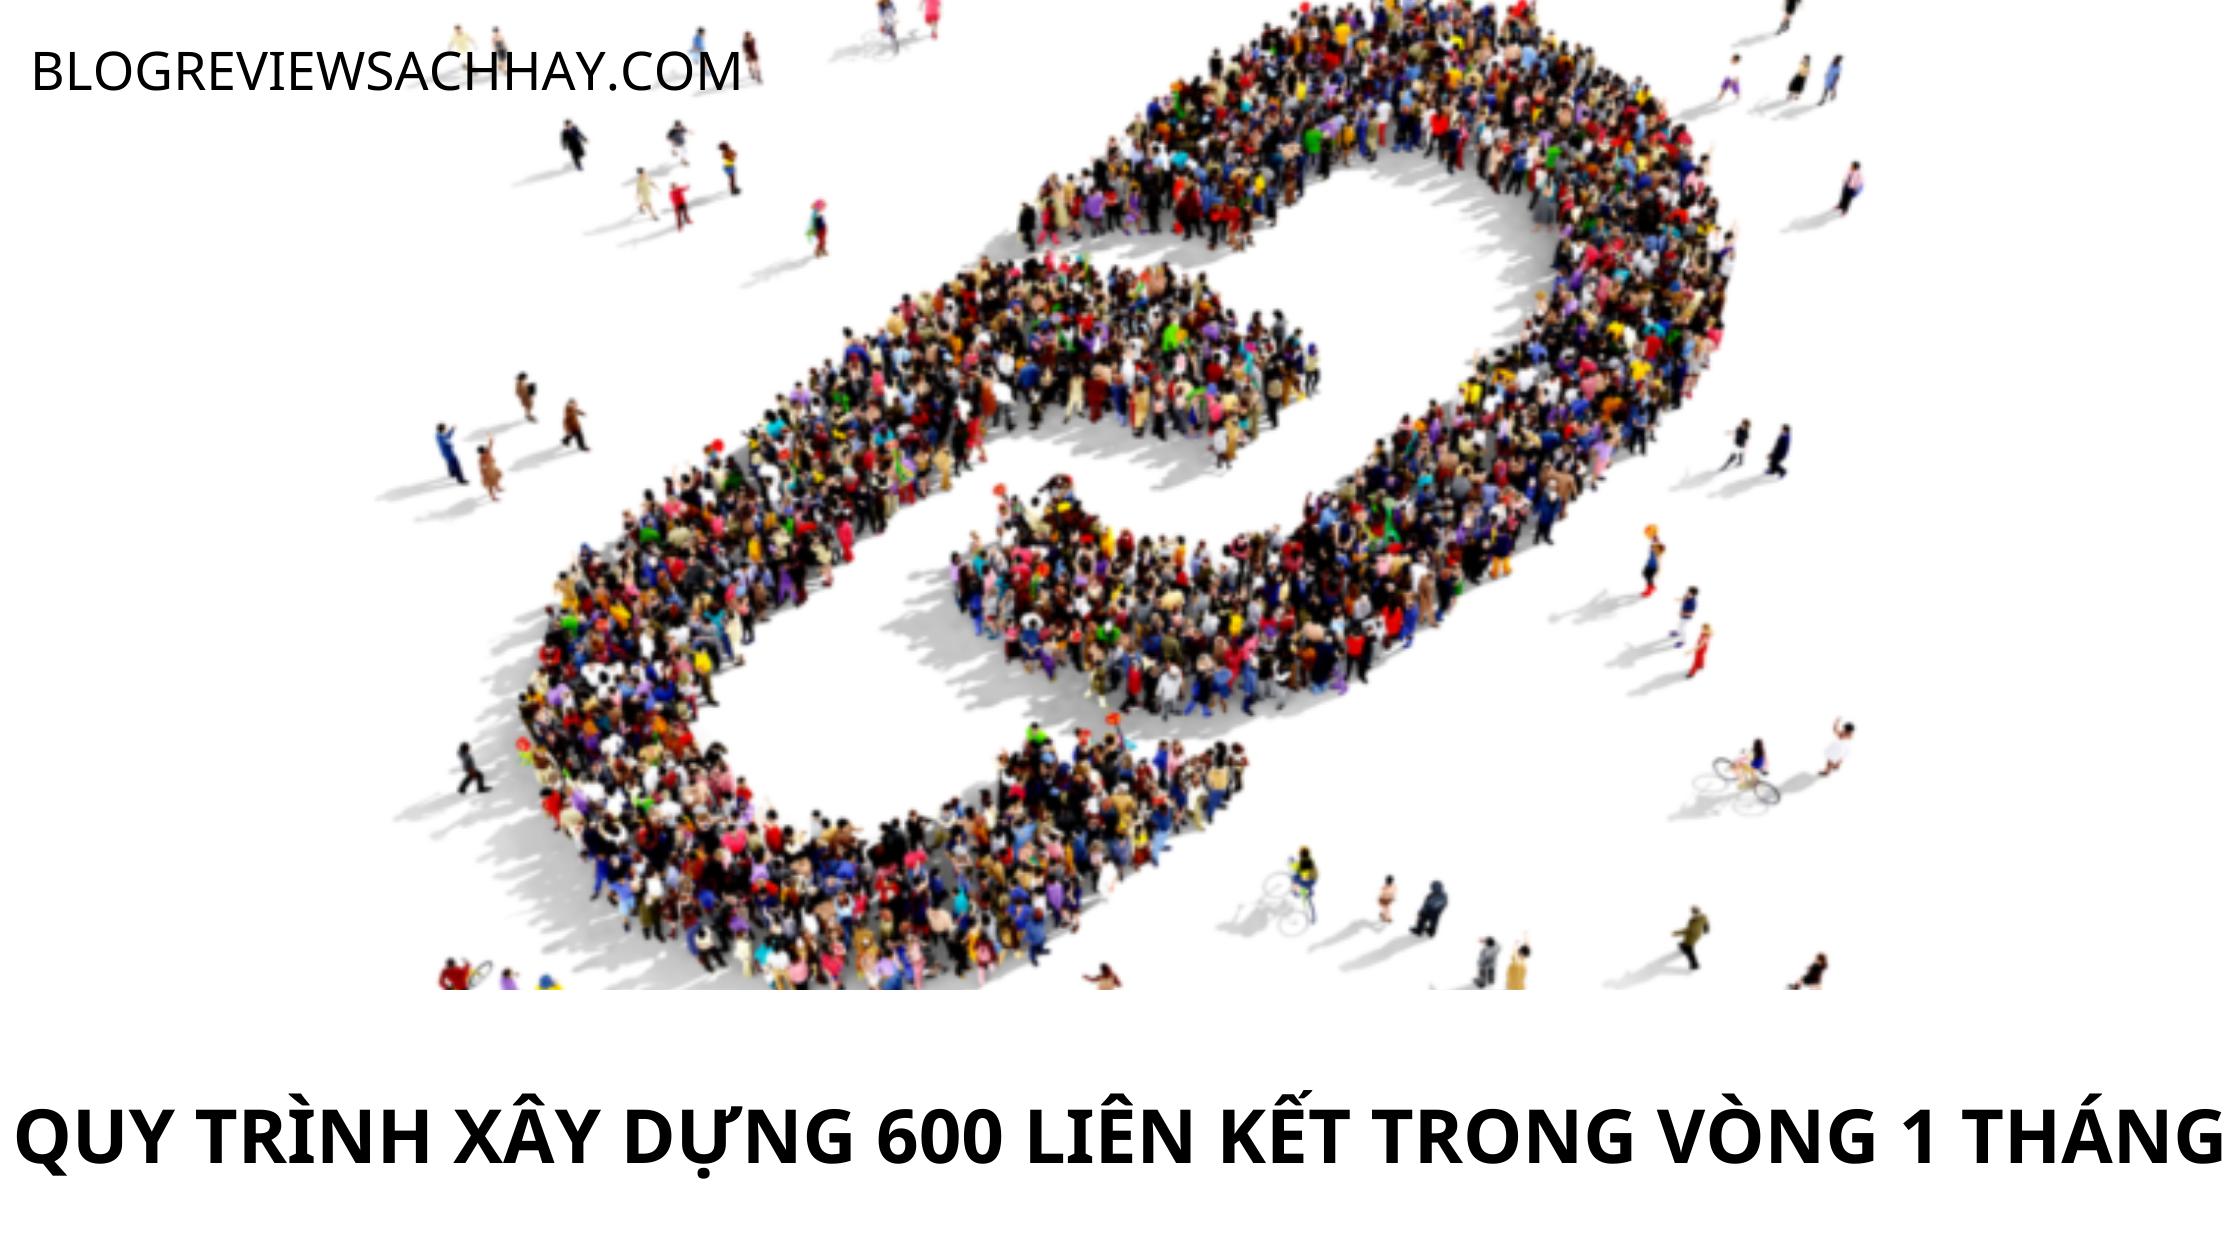 XÂY DỰNG 600 LIÊN KẾT TRONG 1 THÁNG - BACKLINK - YẾU TỐ OFF PAGE